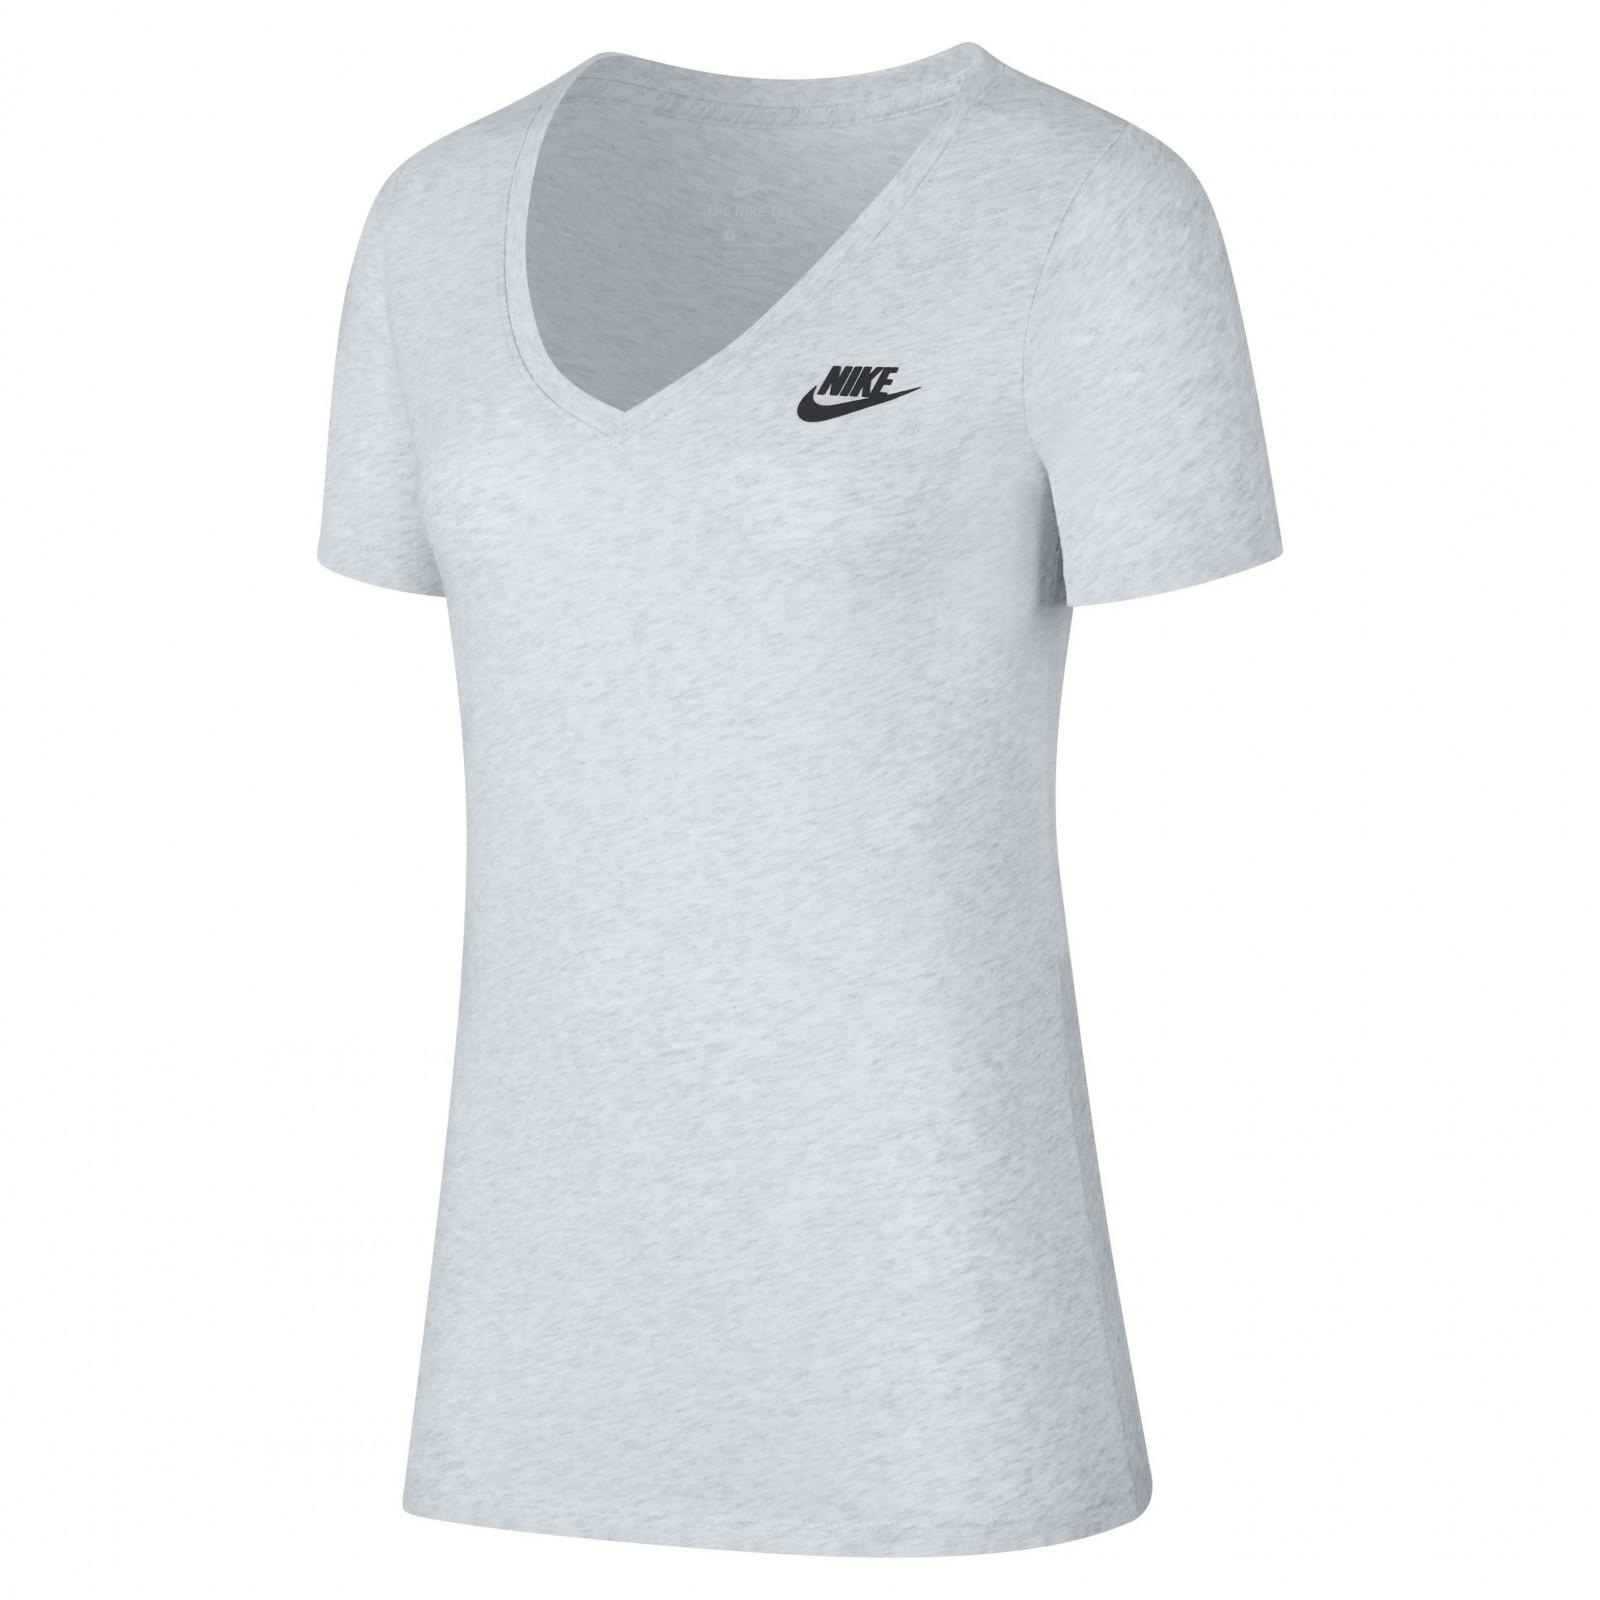 6b3db4f6fec2 Dámské Tričko Nike W NSW TEE VNECK LBR BIRCH HEATHER BLACK - Glami.cz